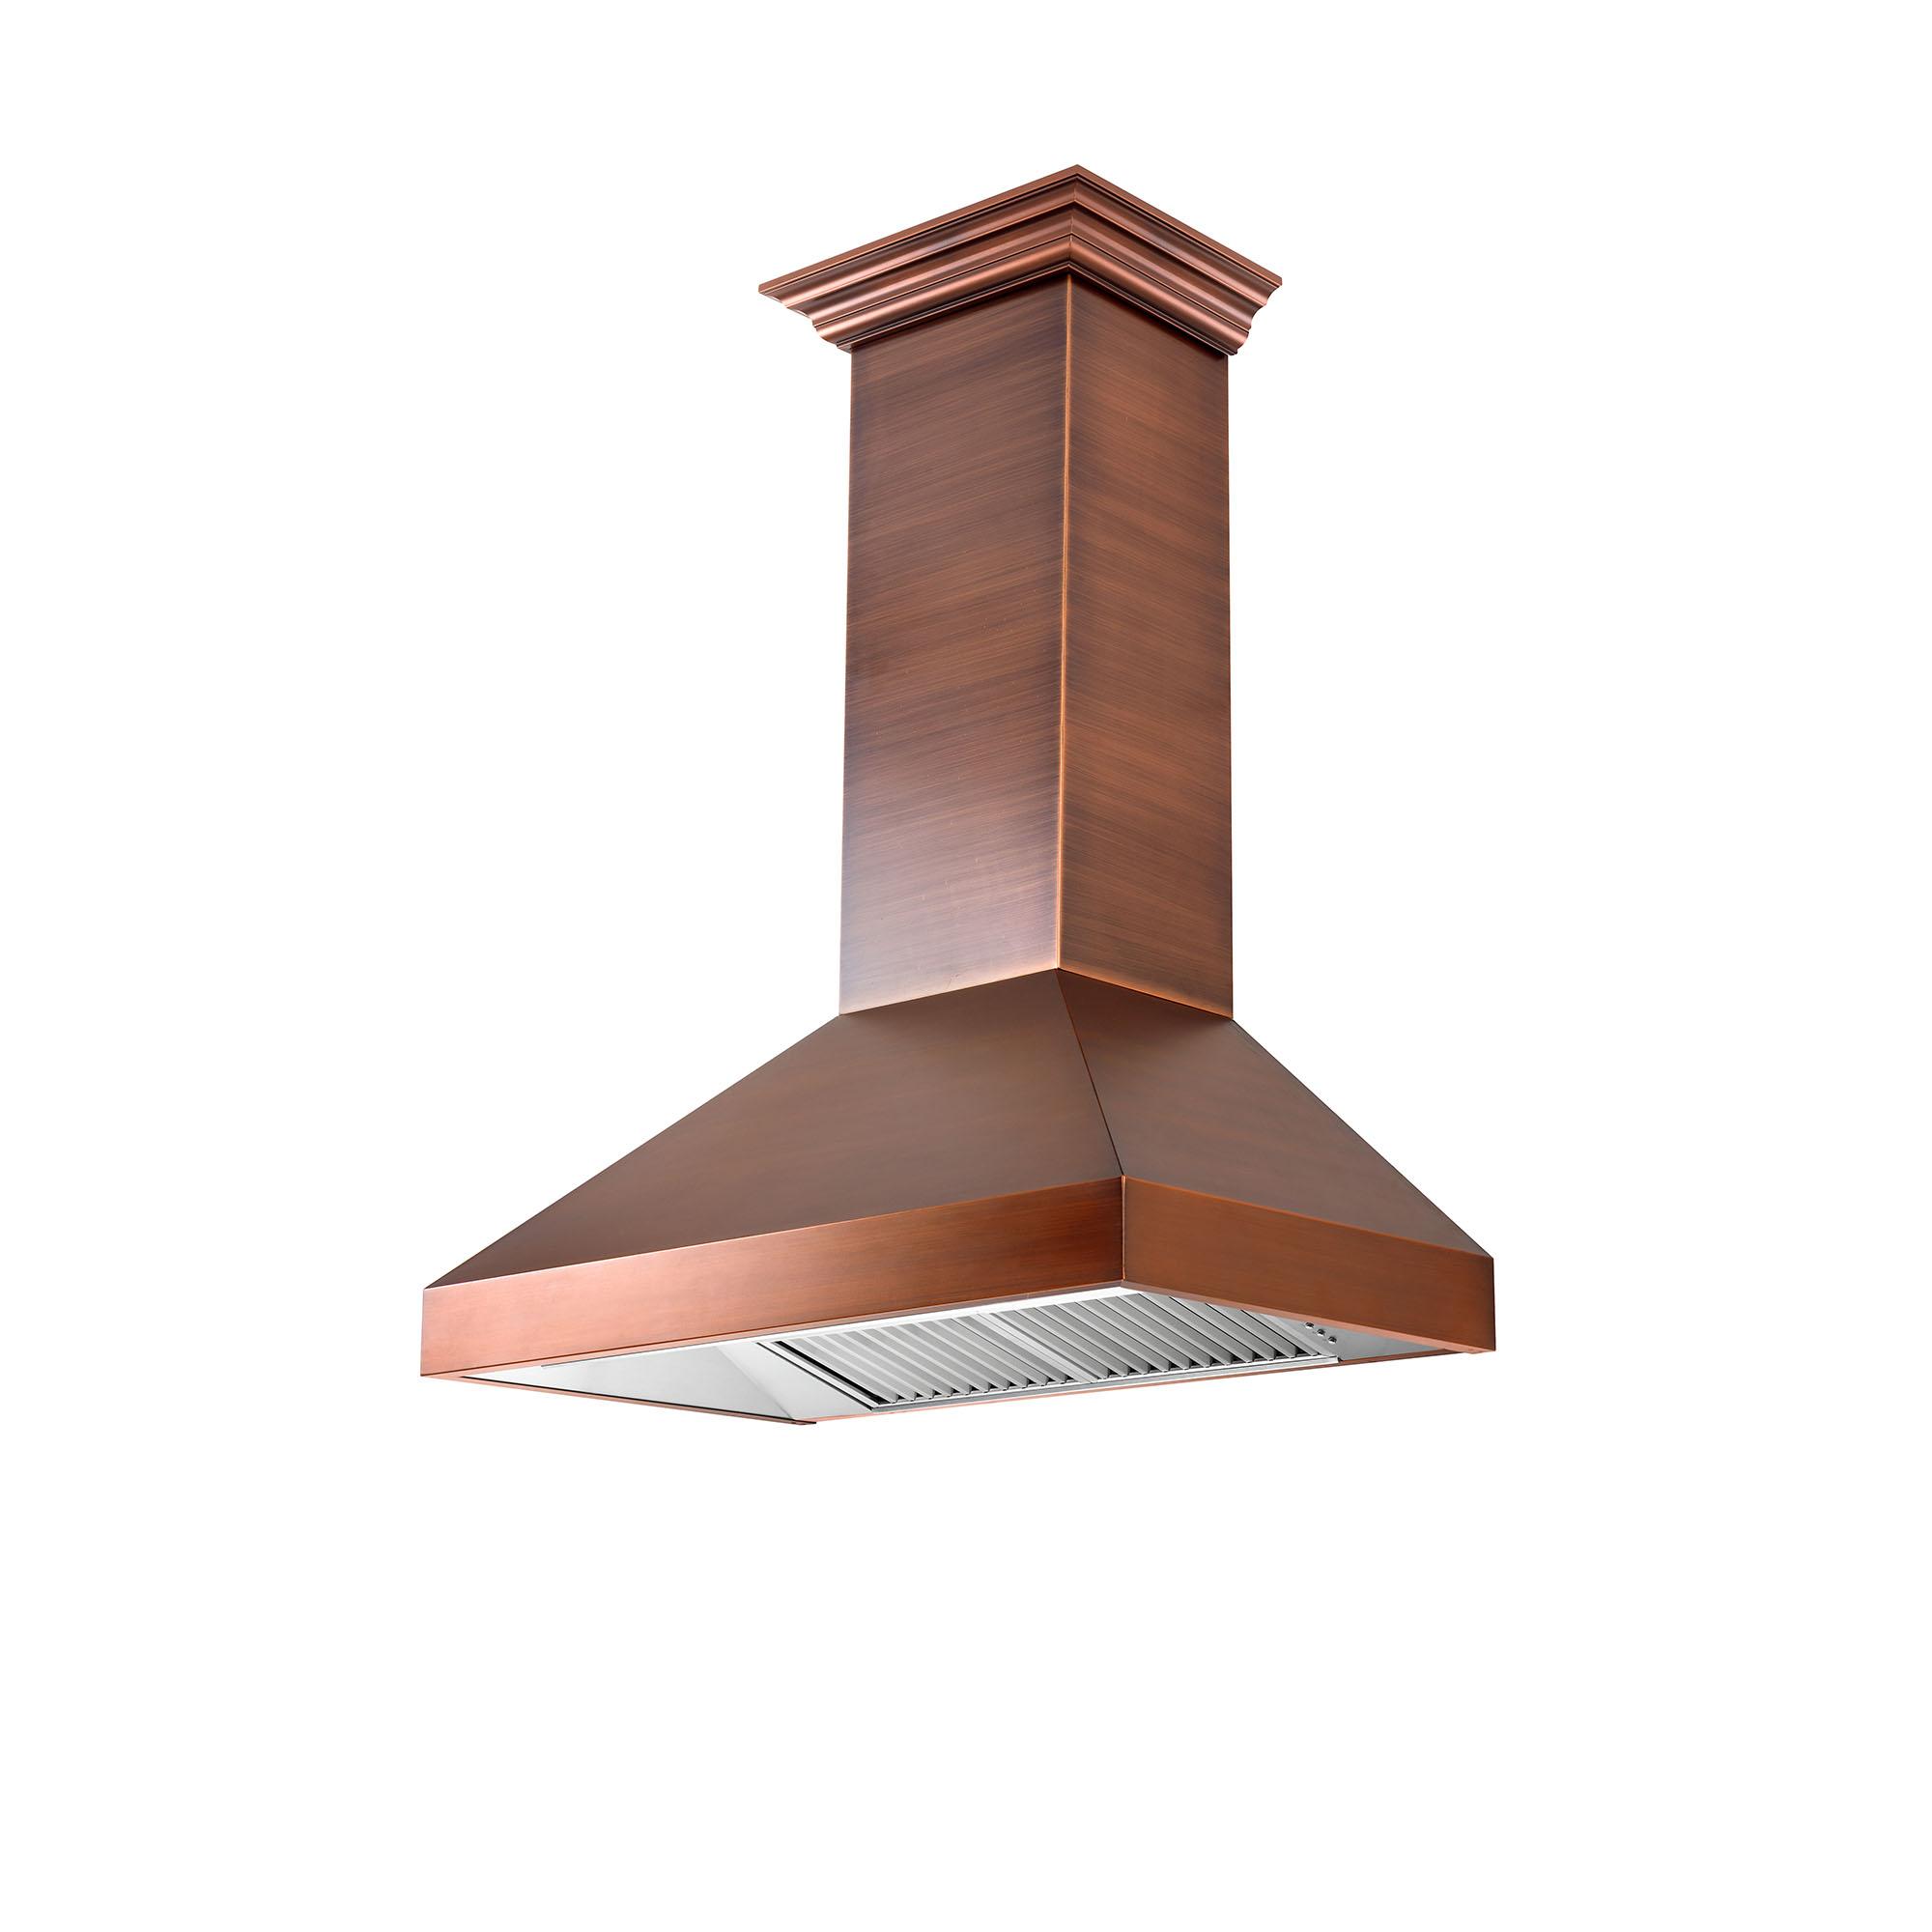 zline-copper-wall-mounted-range-hood-8667C-side-under-.jpg